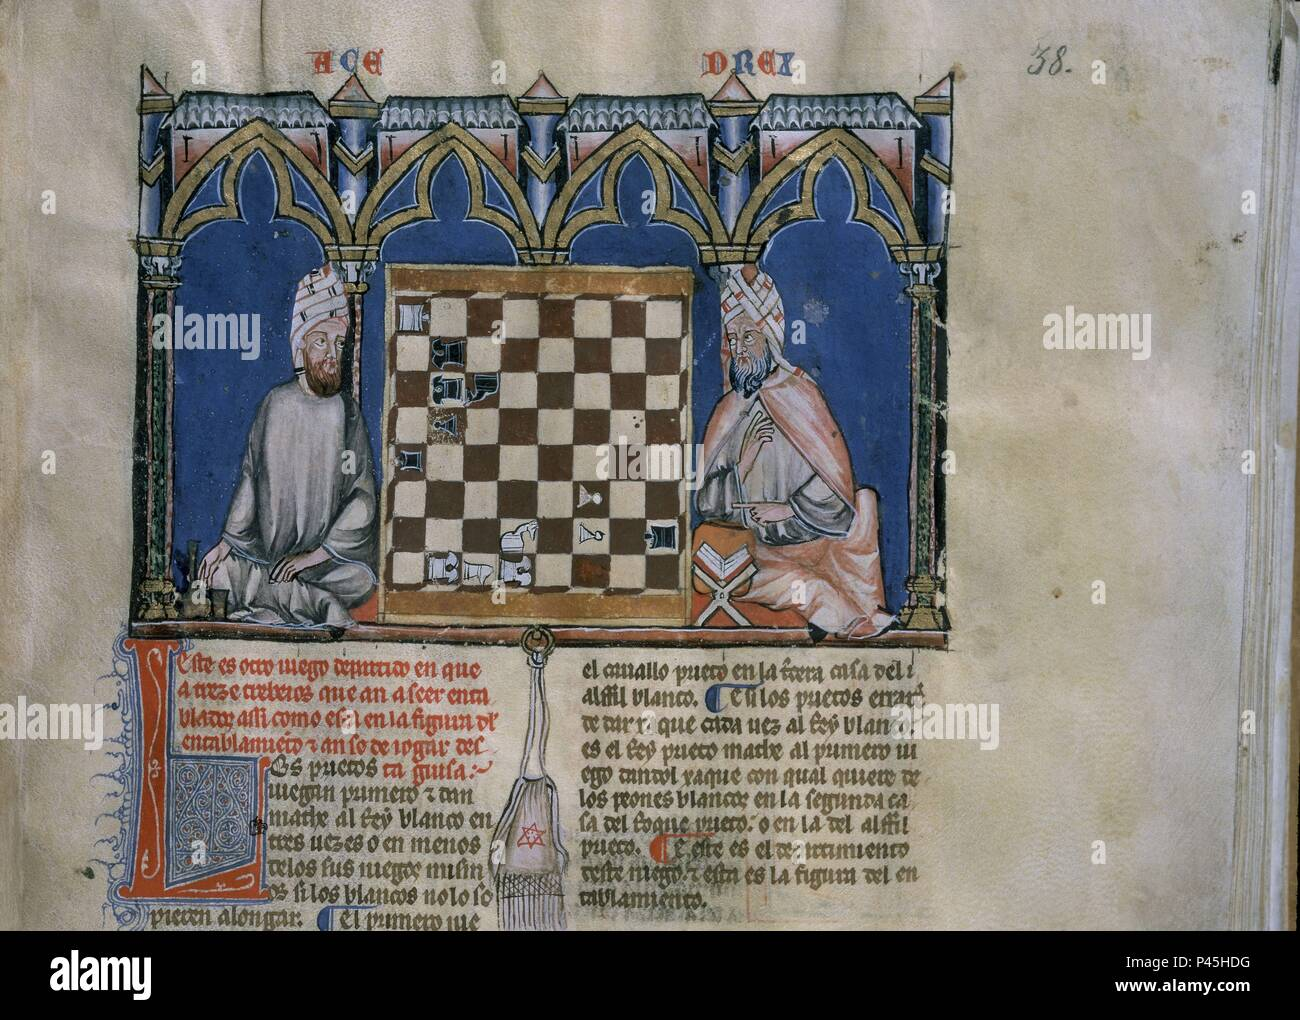 LIBRO DE JUEGOS O LIBRO DEL AJEDREZ DADOS Y TABLAS - 1283 - FOLIO 38R - DETALLE - DOS ARABES CON UN LIBRO JUGANDO AL AJEDREZ - Conj nº 90059. Author: Alfonso X of Castile the Wise (1221-1284). Location: MONASTERIO-BIBLIOTECA-COLECCION, SAN LORENZO DEL ESCORIAL, MADRID, SPAIN. Stock Photo